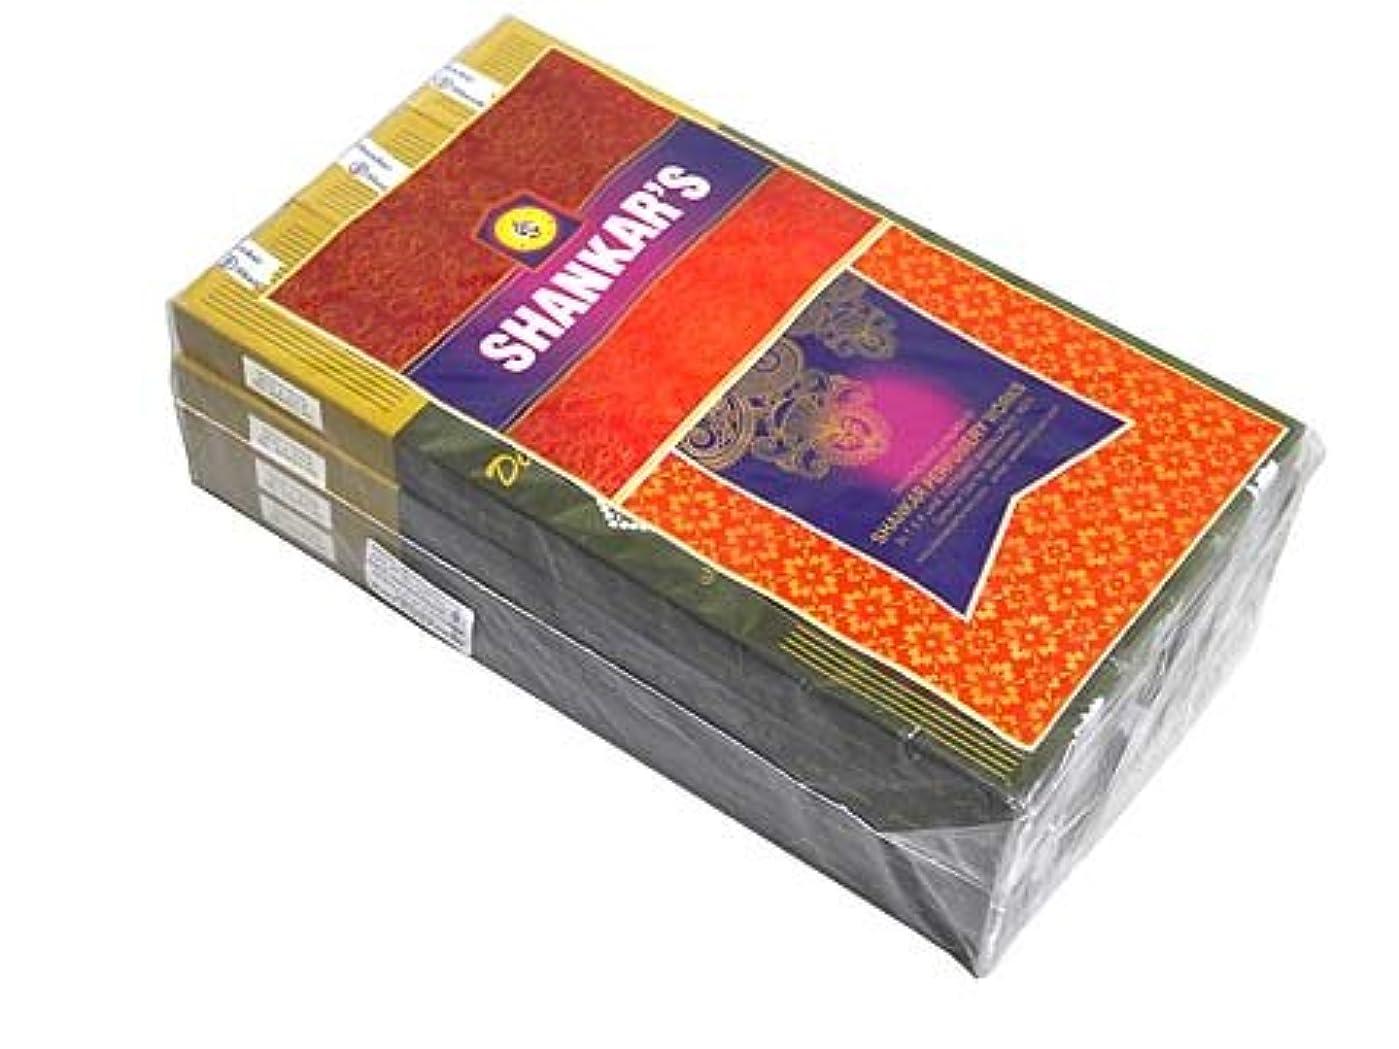 統治可能汚染するマイクロプロセッサSHANKAR'S(シャンカーズ) ブラックダイヤモンド香 スティック BLACK DIAMOND 12箱セット